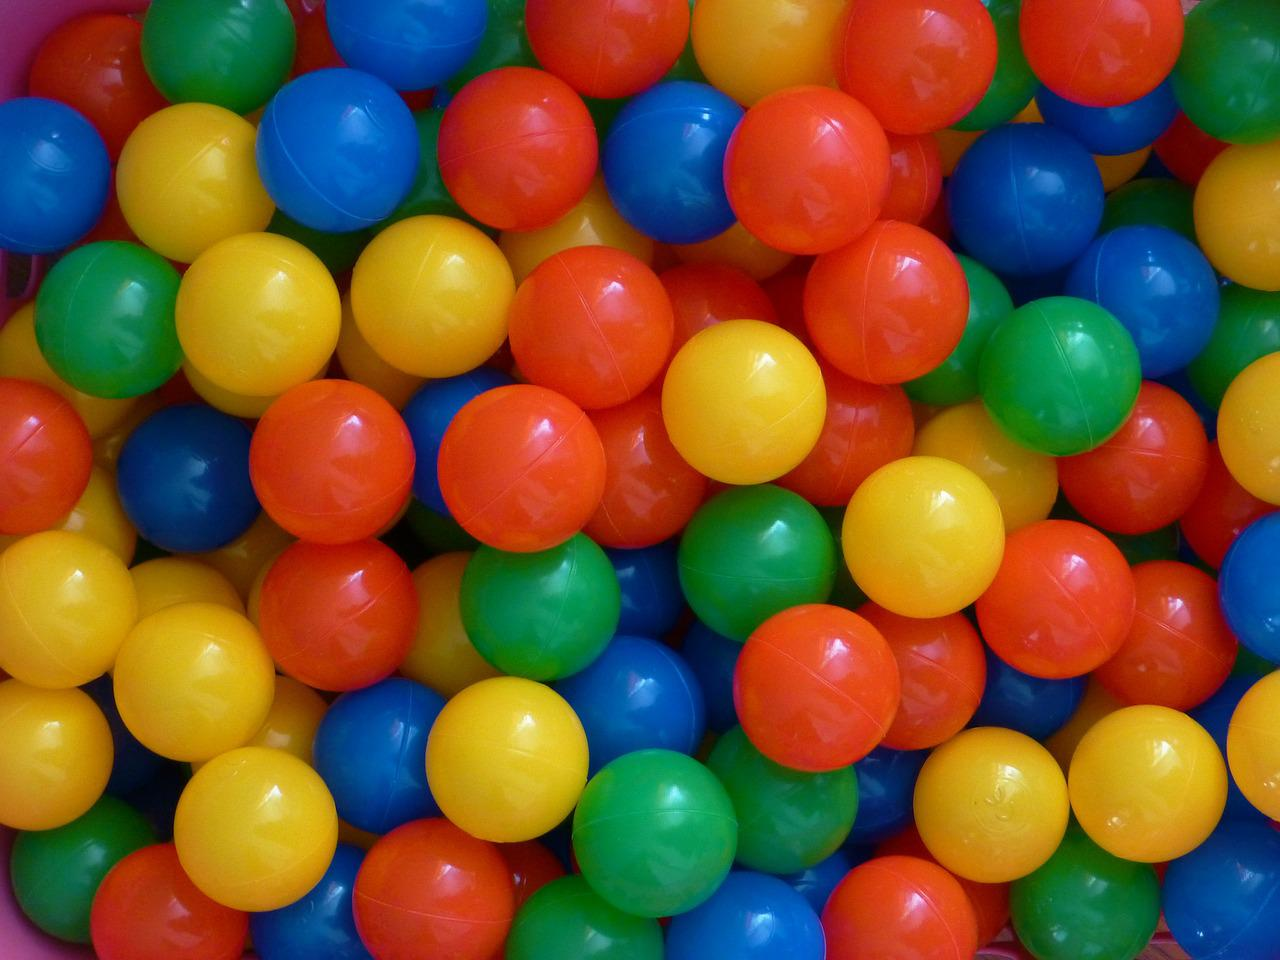 клуба лестер, фото с пластиковыми шариками в внешнем виде